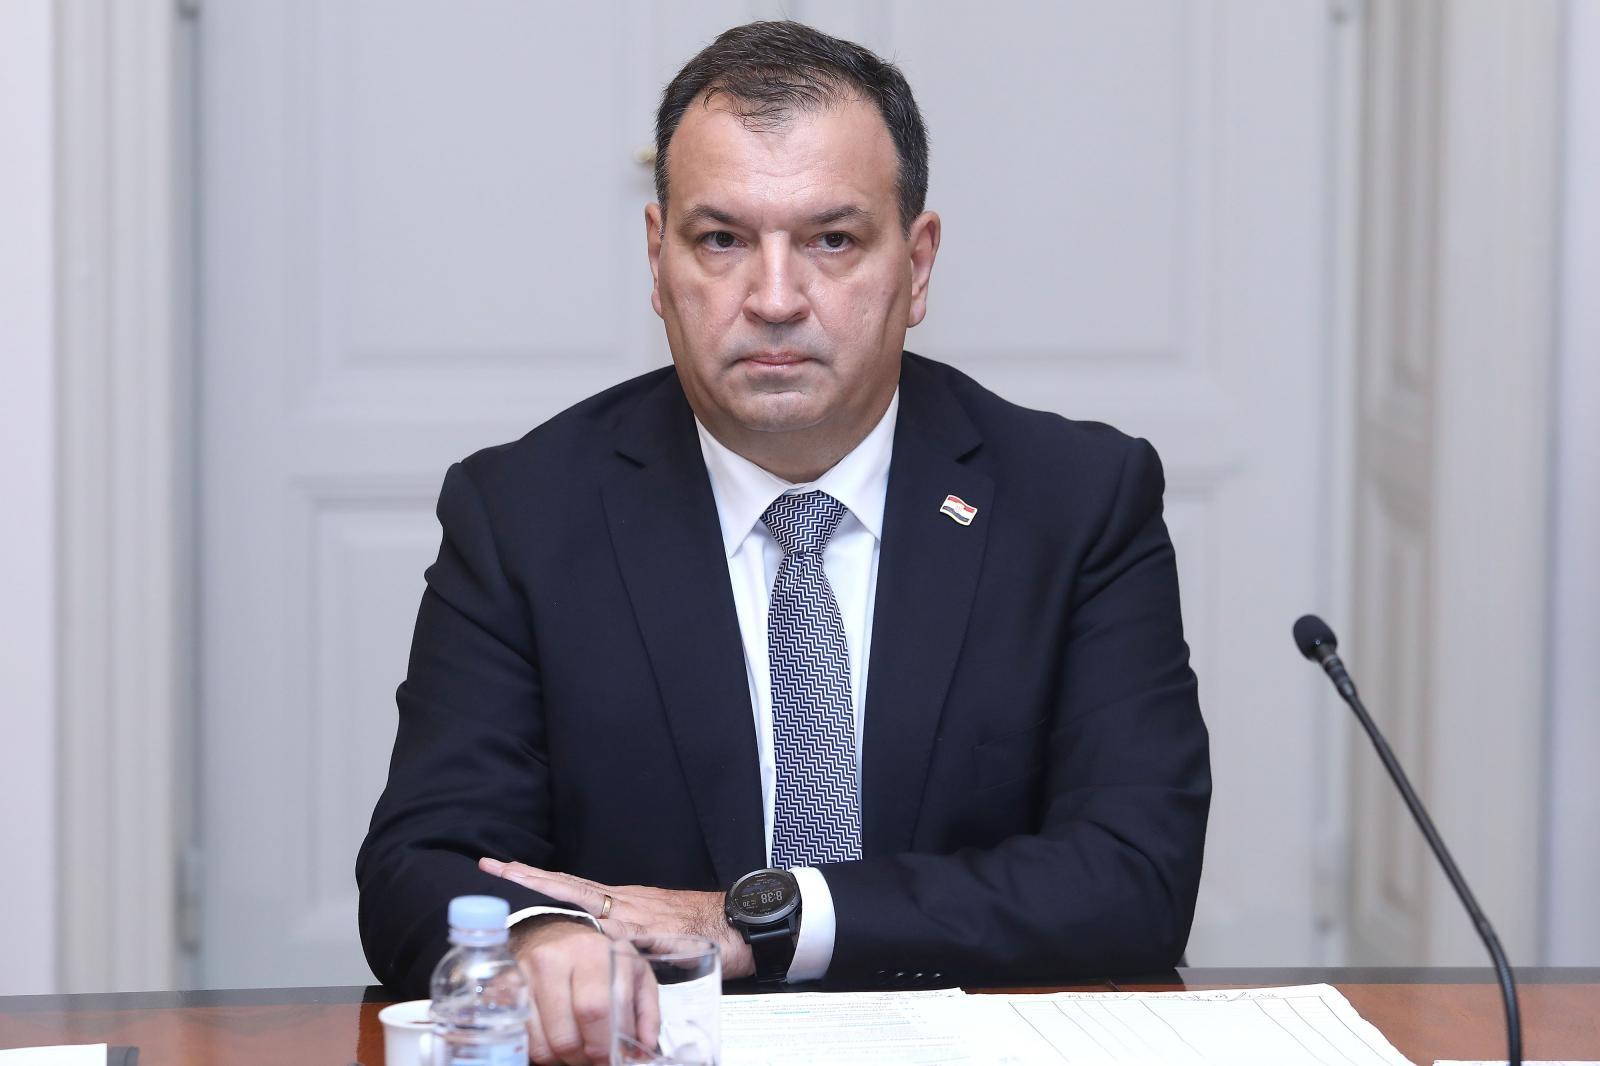 Ministar Beroš o prvoj žrtvi korona virusa u Europi